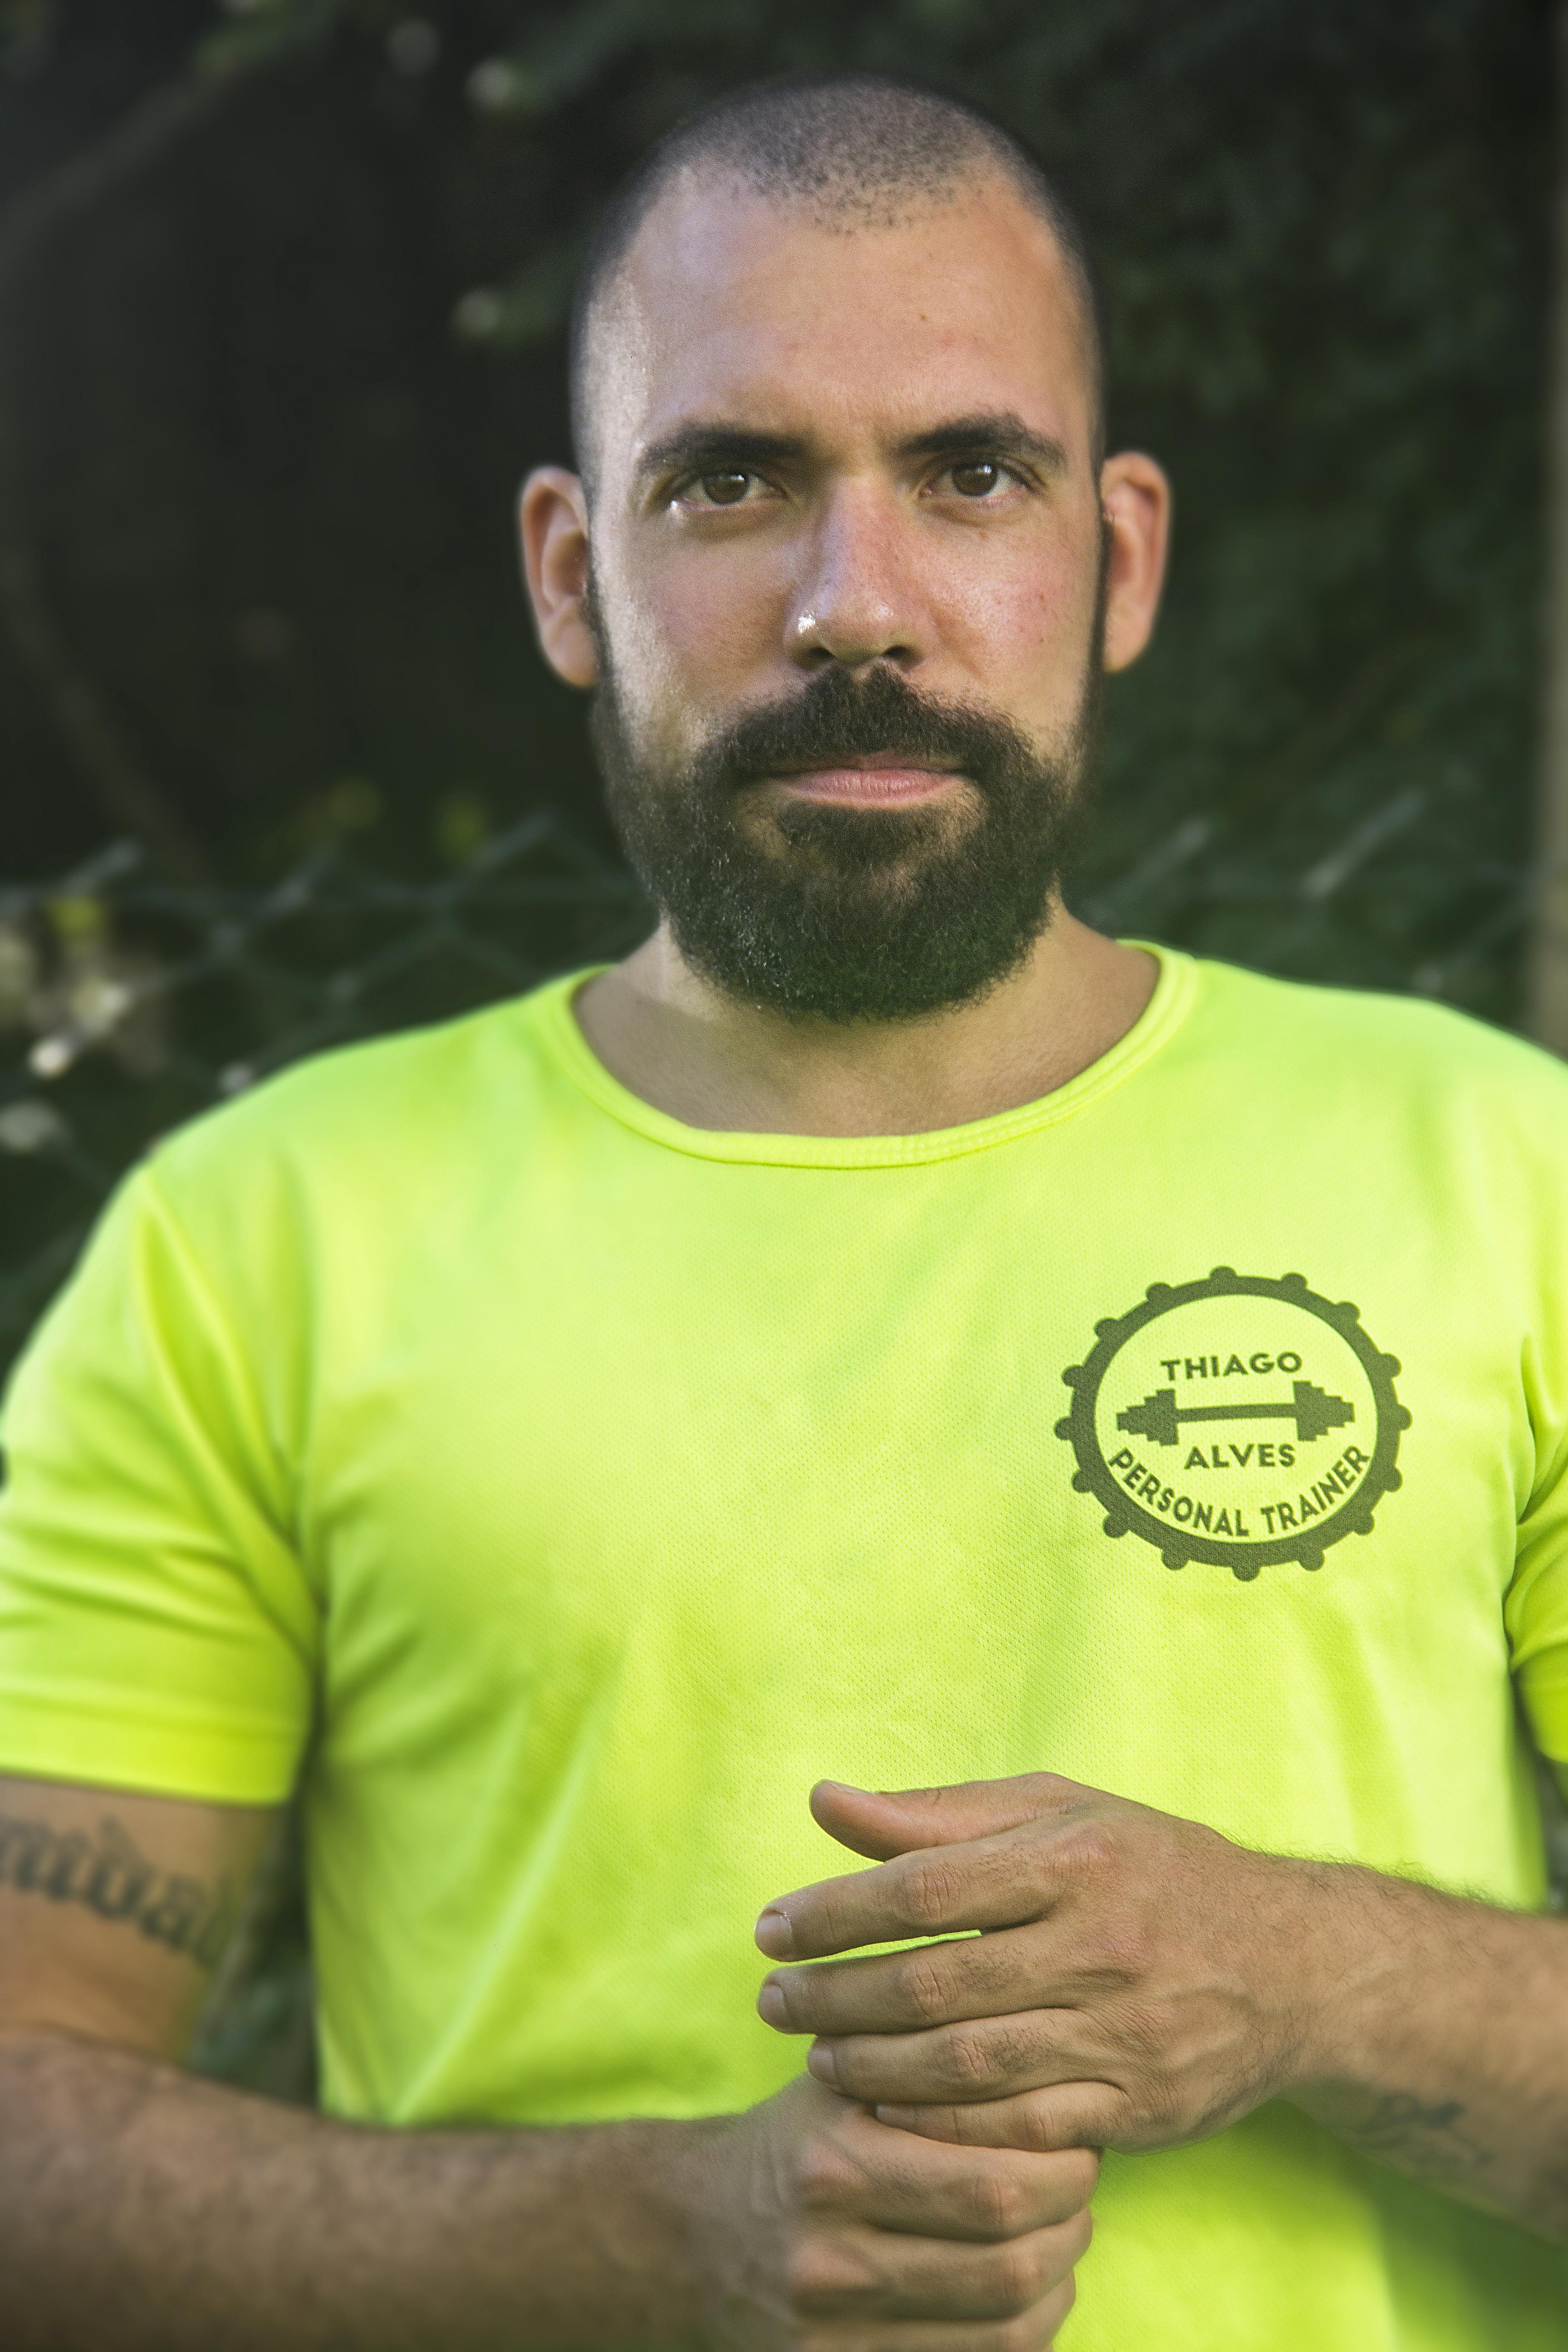 Personal Trainer Thiago Luiz Dantas Alves